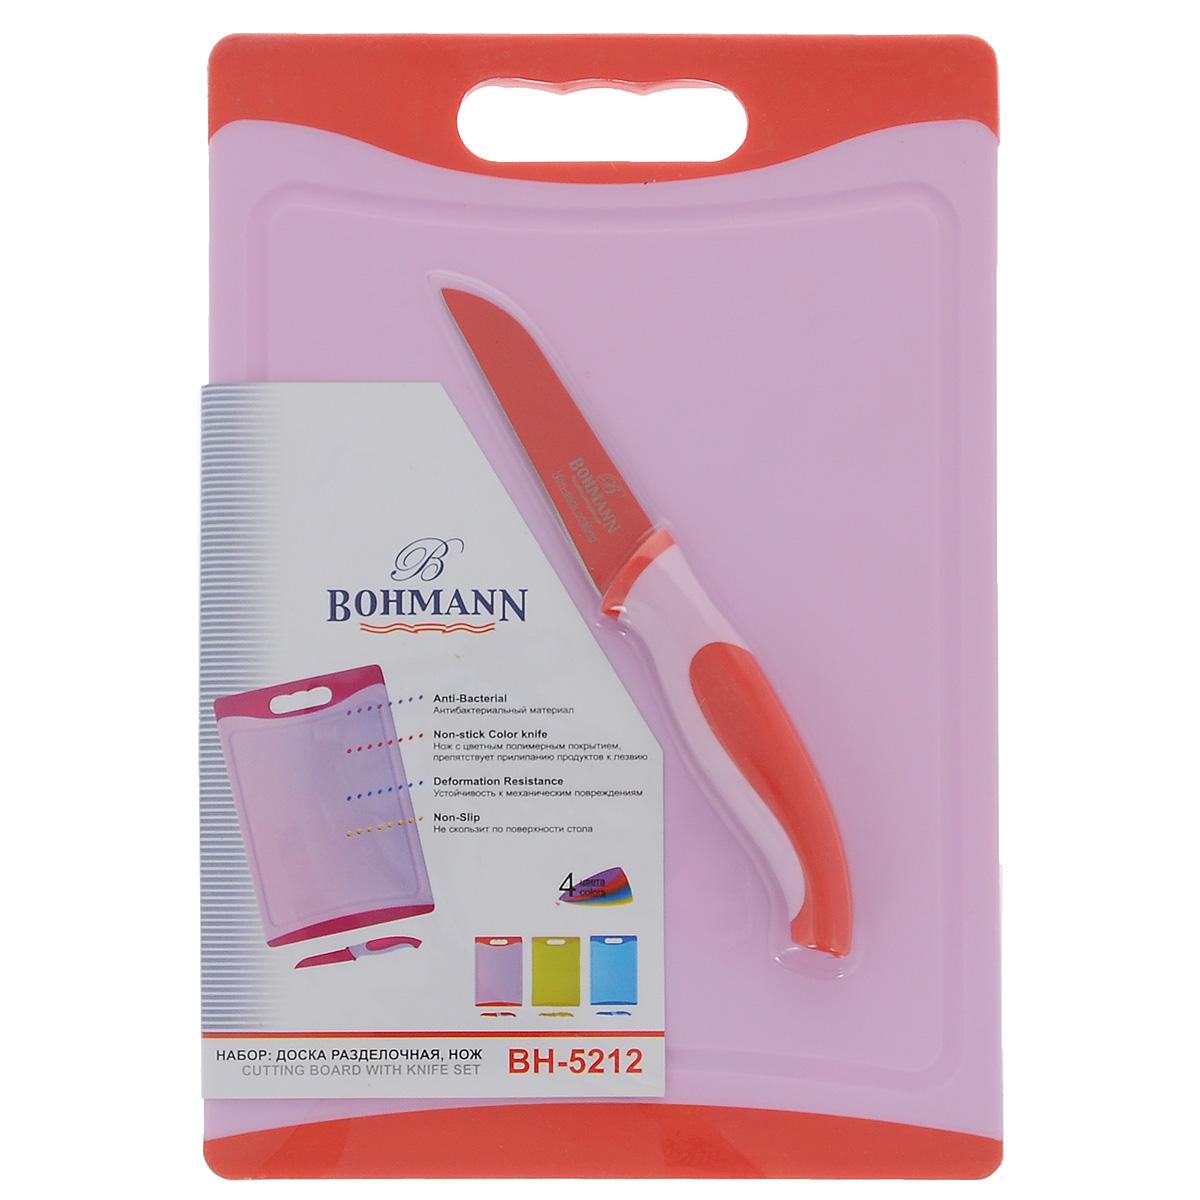 Набор для резки продуктов Bohmann, цвет: красный, 2 предмета5212BH красныйНабор для резки продуктов Bohmann состоит из ножа для чистки и разделочной доски. Нож изготовлен из нержавеющей стали с цветным полимерным покрытием, препятствующим прилипанию продуктов к лезвию. Ручка ножа изготовлена из приятного на ощупь пластика. Разделочная доска выполнена из высококачественного пластика с покрытием Non-stick. Верх и основание доски изготовлено из нескользящего материала. Вы можете удобно нарезать овощи, хлеб, мясо, при этом ваша доска не будет скользить по столу. Доска также имеет антибактериальную защиту. Она имеет свойство оставаться свободной от бактерий даже при легком ополаскивании под горячей водой. Благодаря передовым технологиям изготовления синтетических материалов, доска достаточно устойчива к тепловому воздействию. Вы легко можете нарезать на мелкие части только что сваренное мясо и другие горячие продукты. Благодаря специальной выемке по периметру доски, сок, вытекающий с продуктов, задерживается, не растекаясь по столу. Доска также...